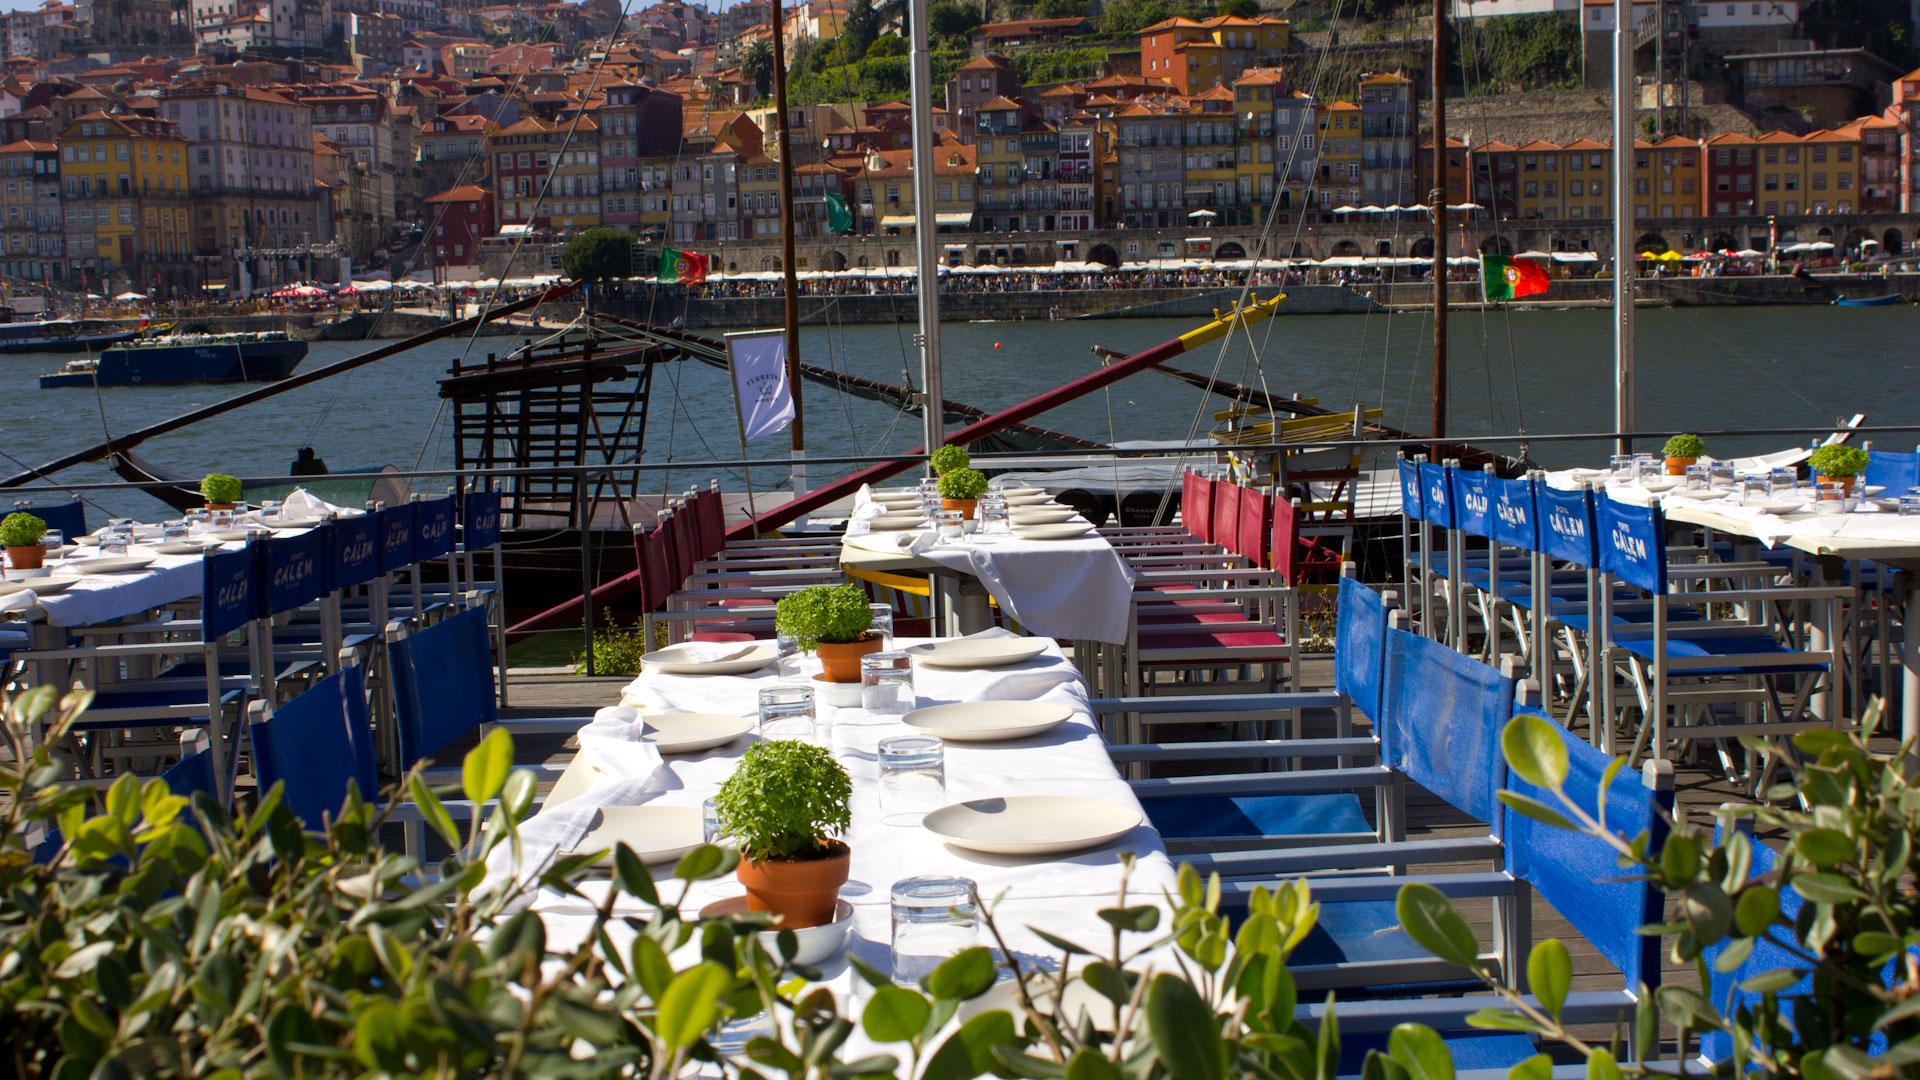 Seafront restaurant in Vila Nova de Gaia